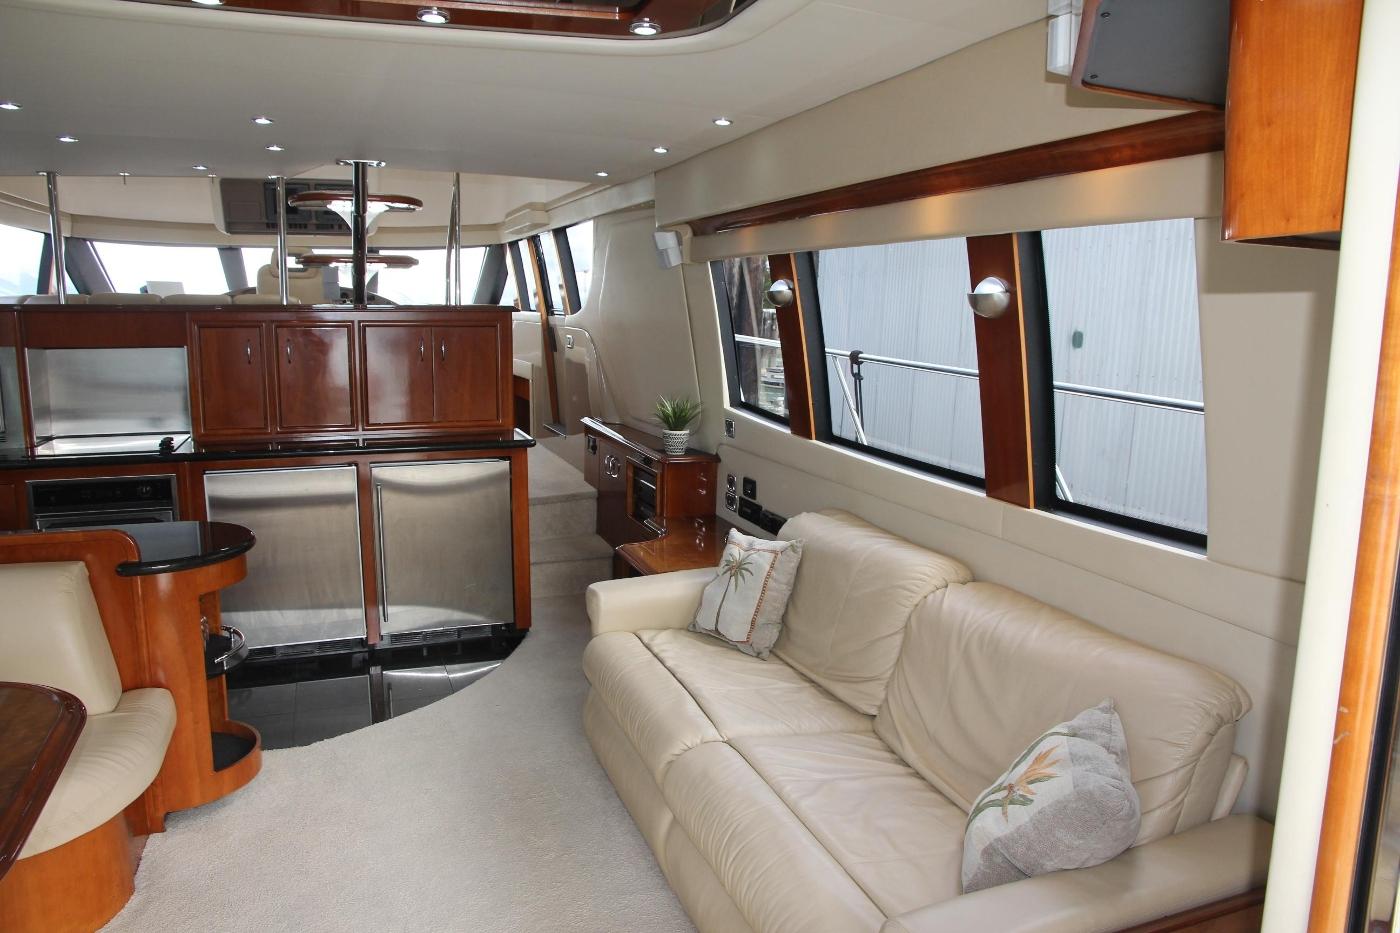 2005 Carver 560 Voyager Pilothouse, Starboard Side Salon